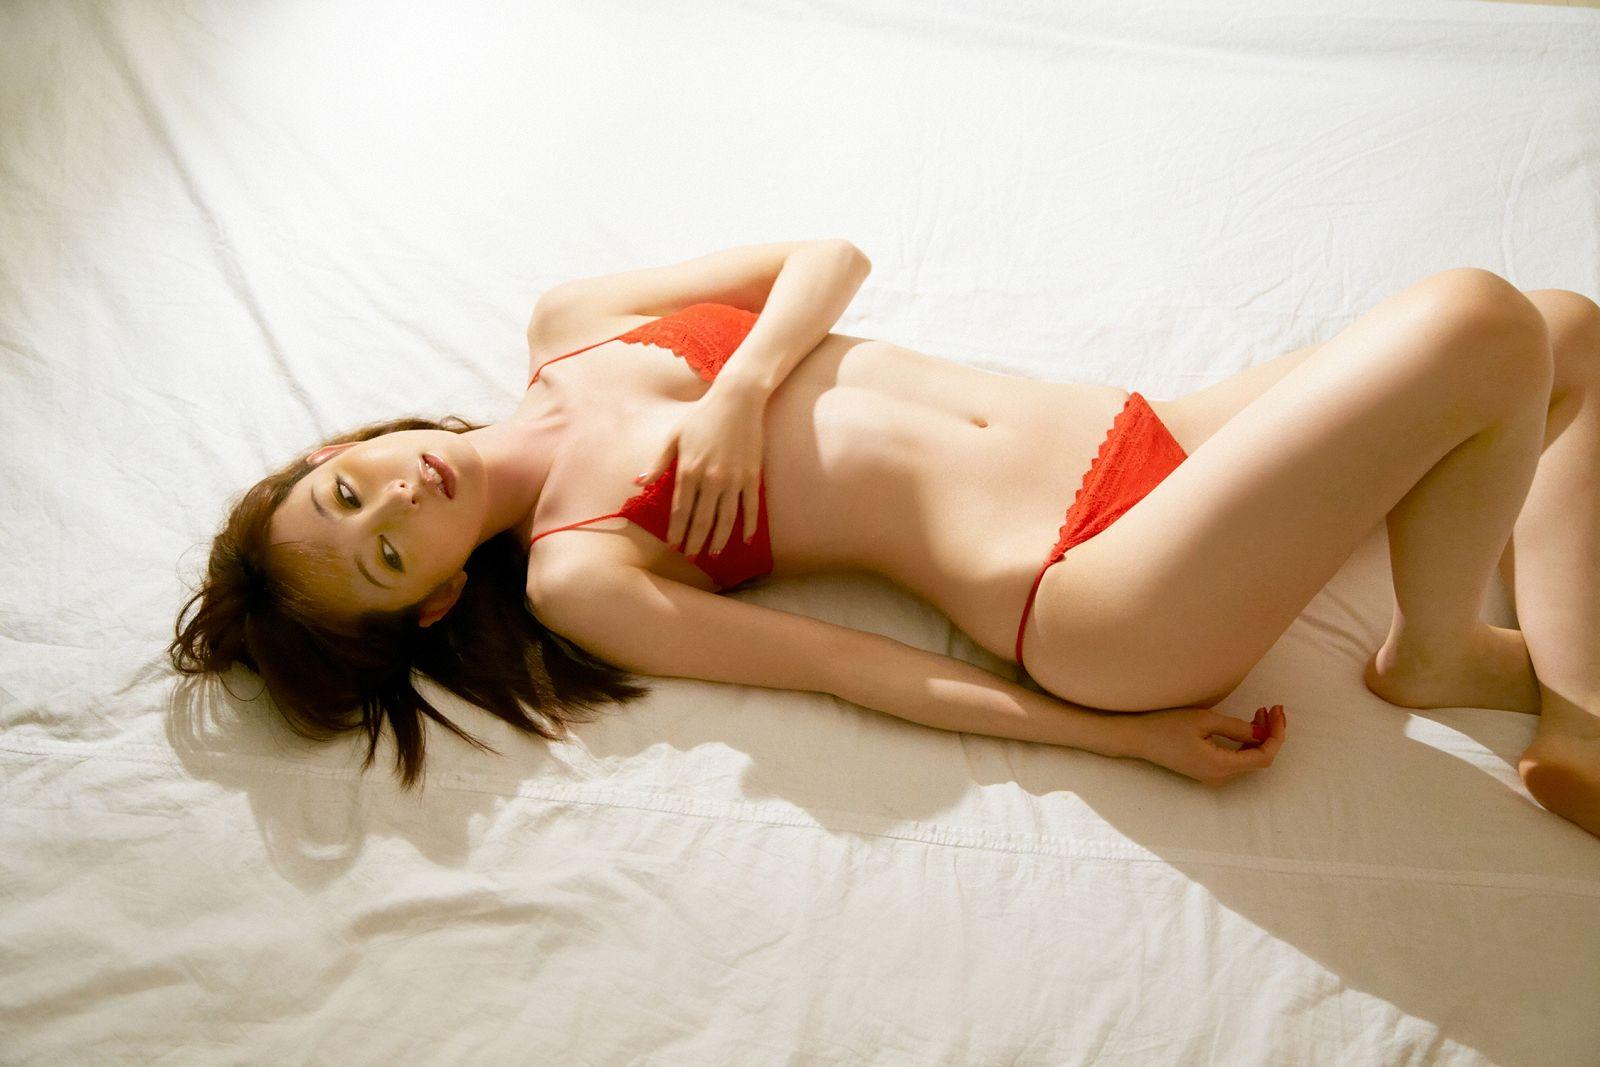 秋山莉奈《オシリーナのプライベート》写真集